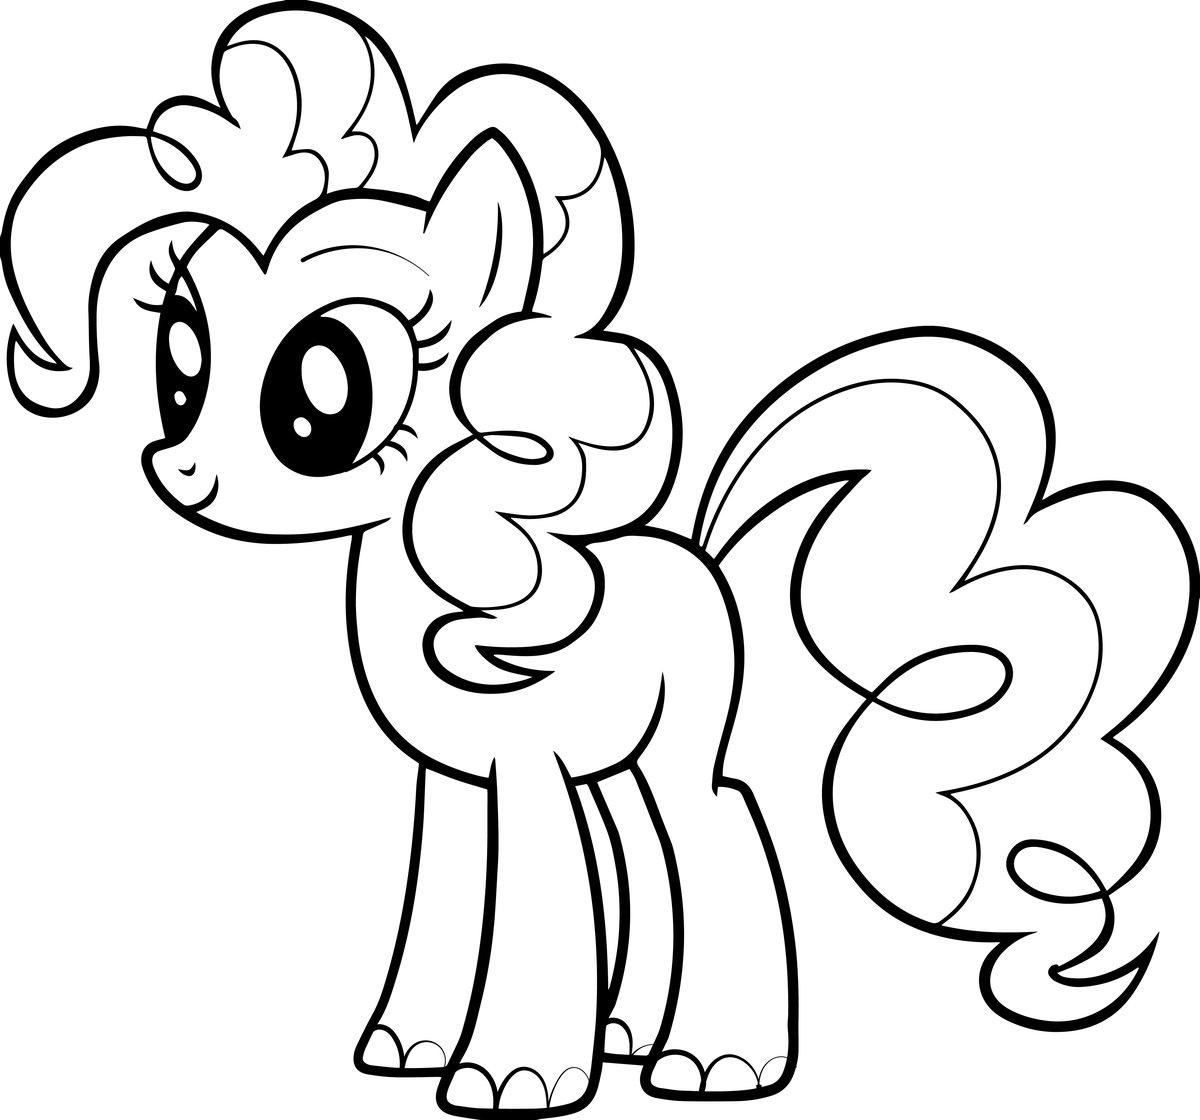 «Раскраски для девочек пони» — карточка пользователя Ирина ...